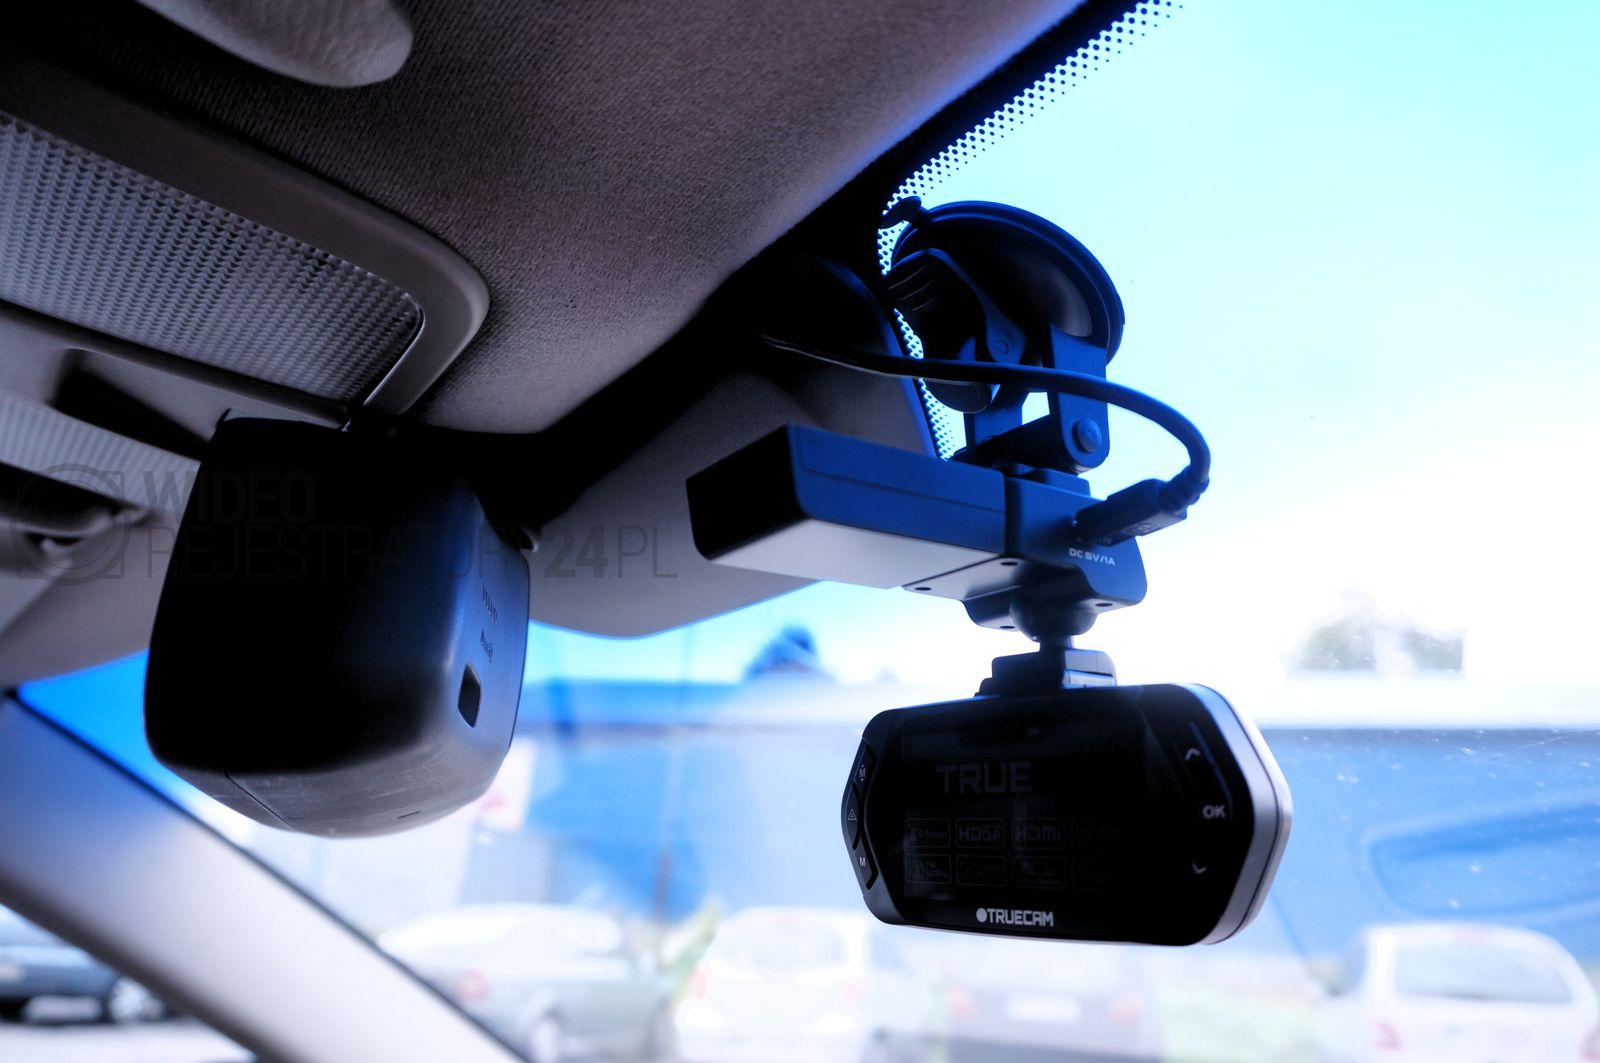 kamera samochodowa truecam a7s gps w sklepie